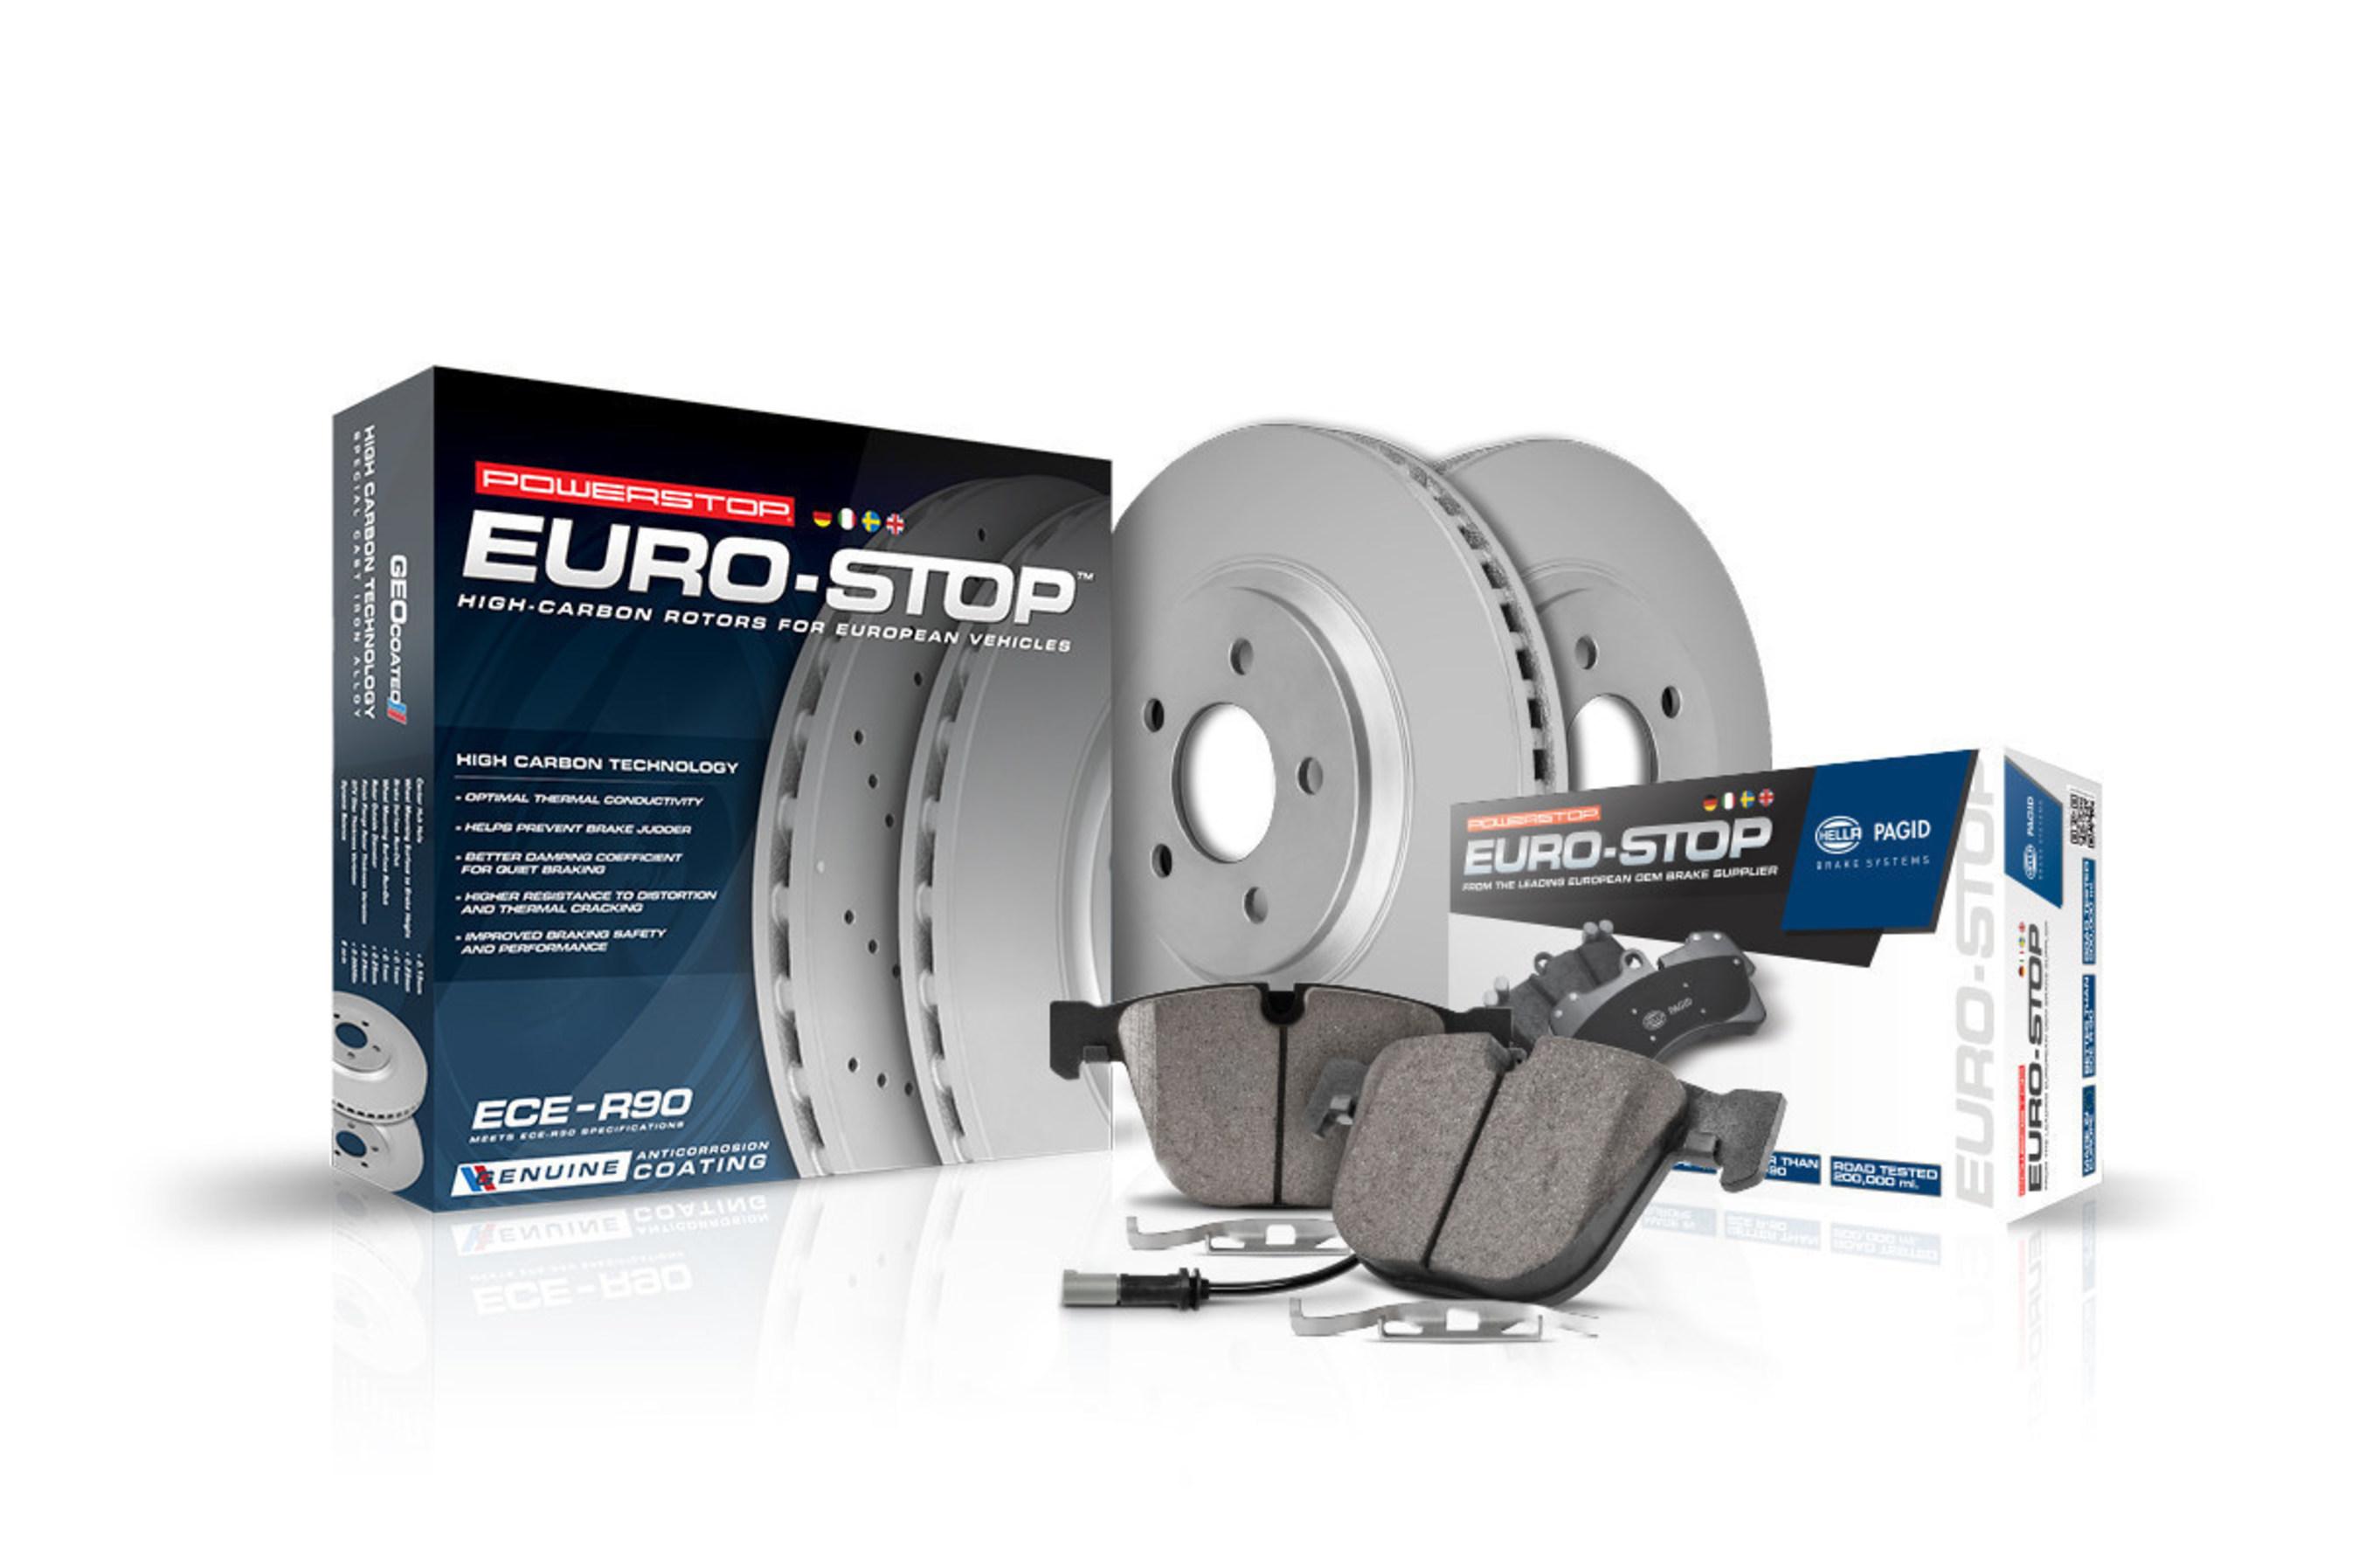 Power Stop Llc Announces Euro Stop Brake Kits For European